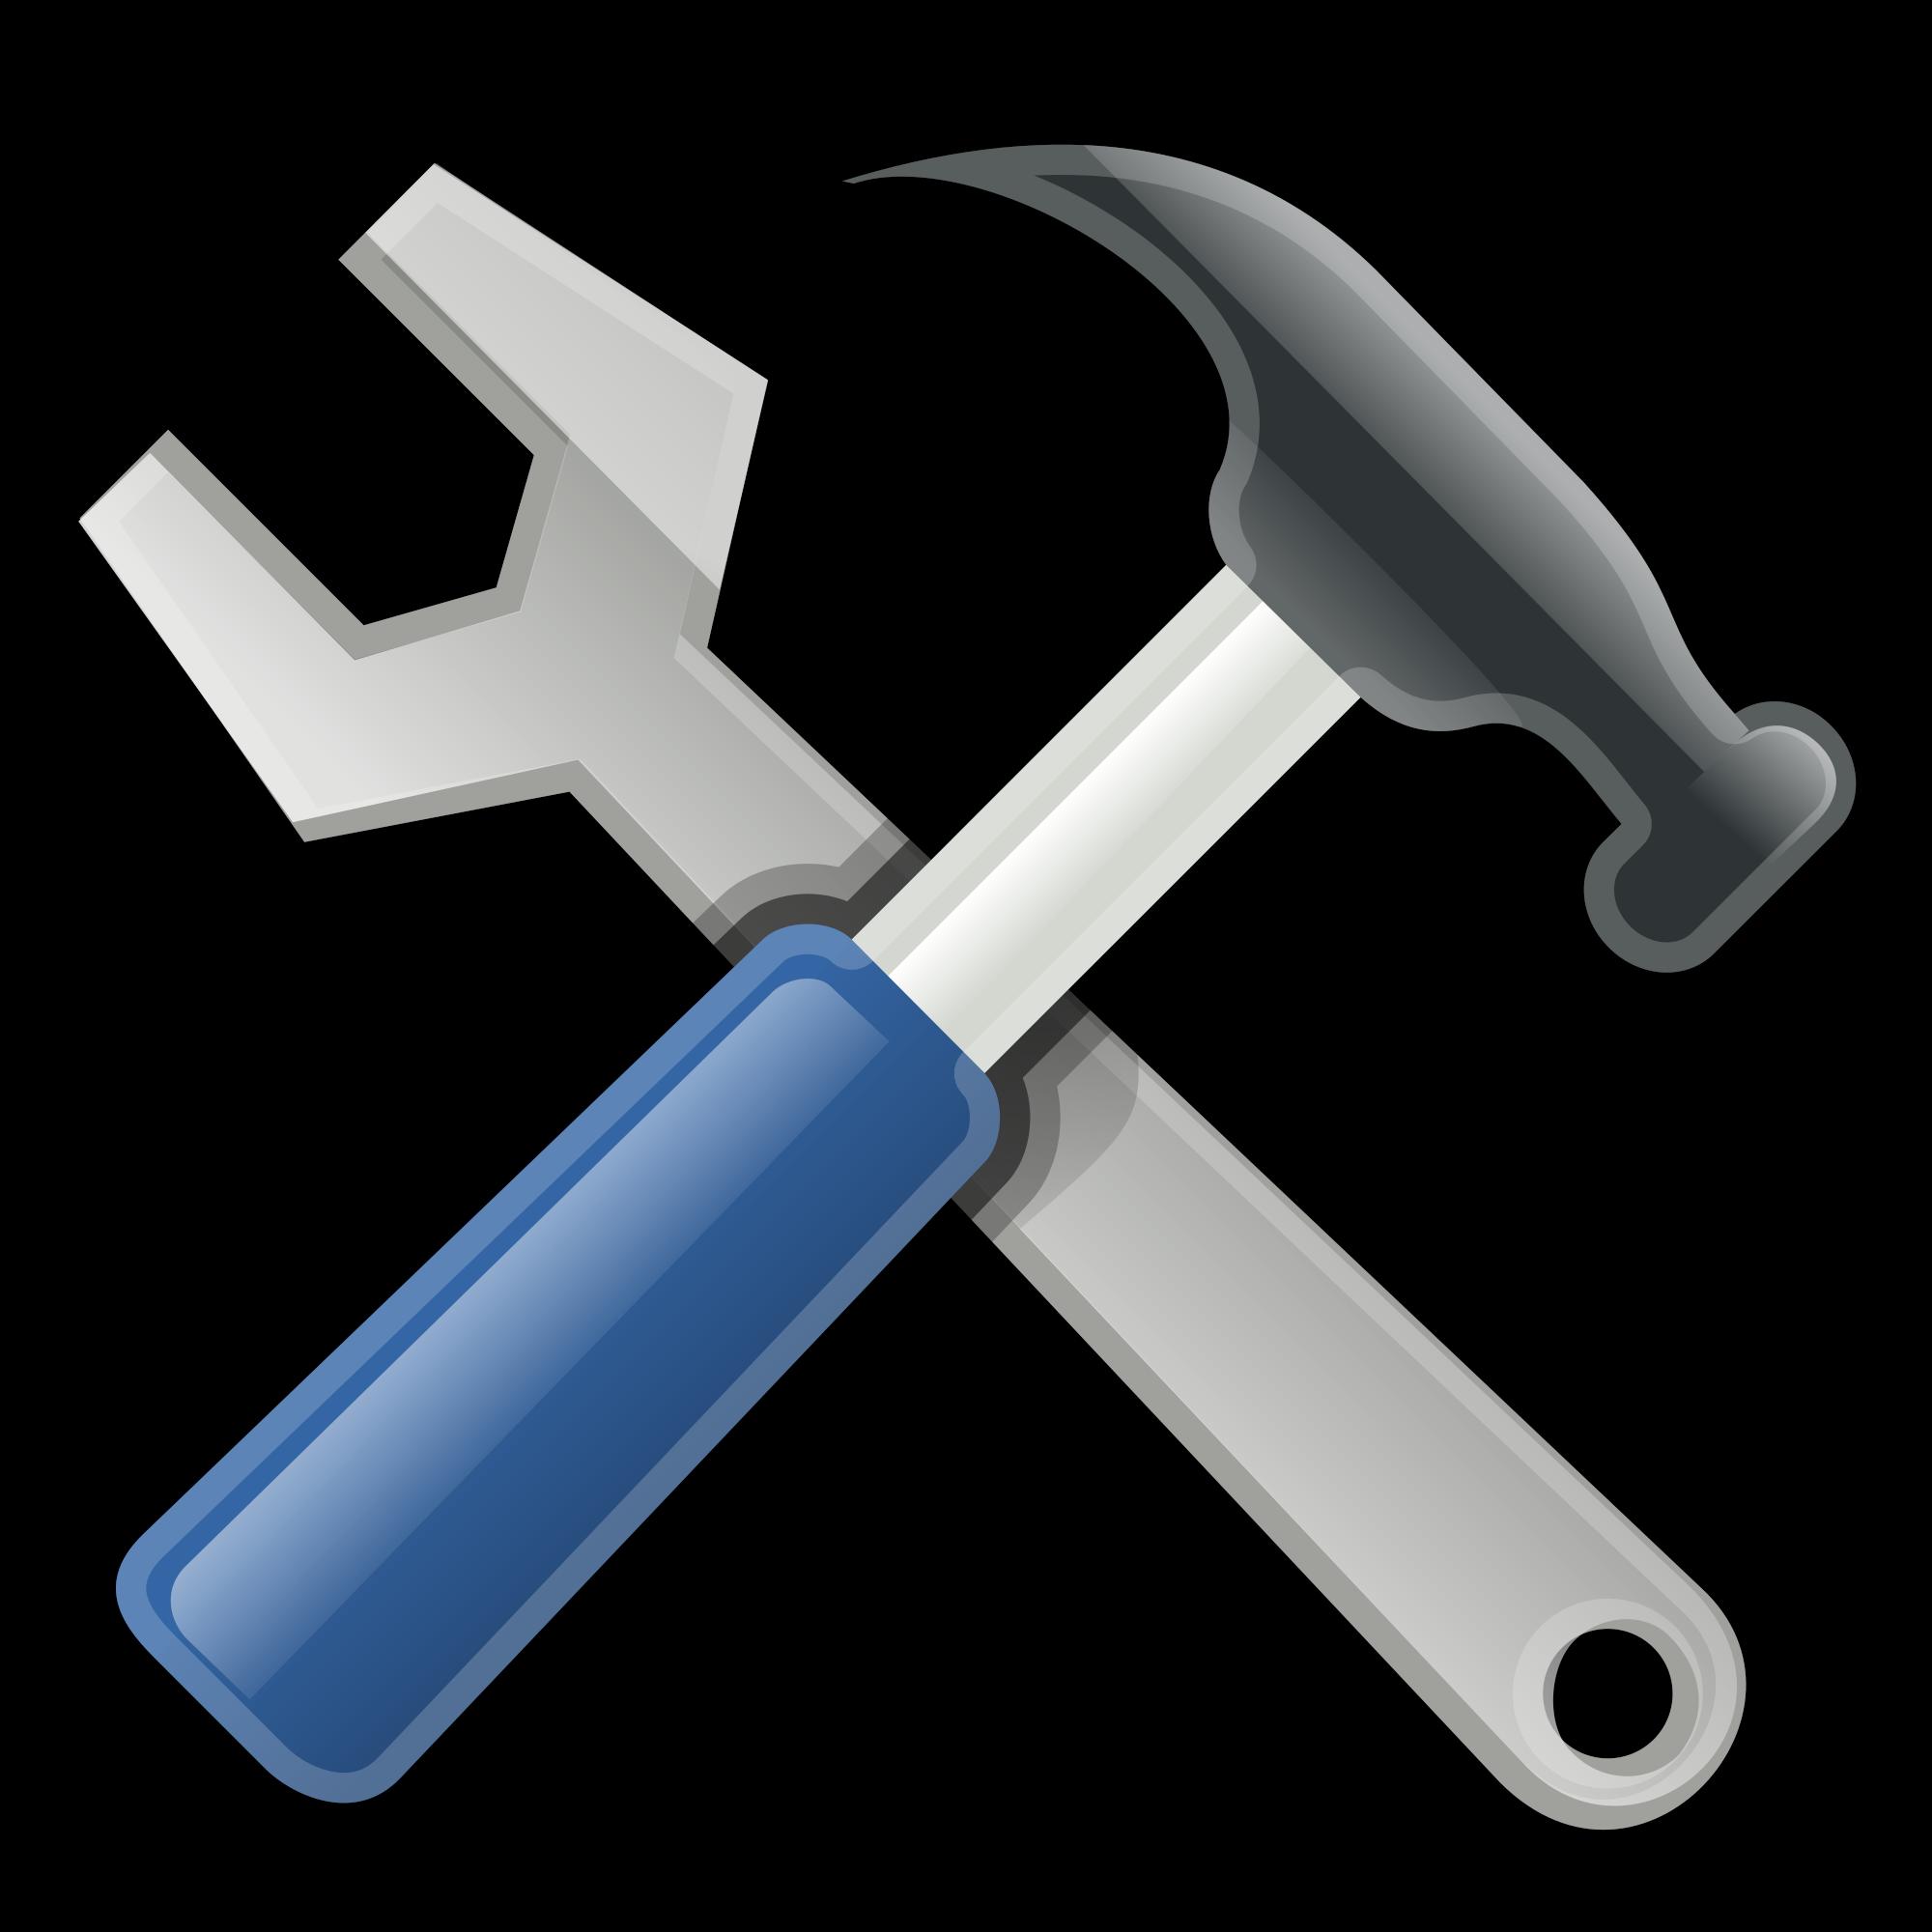 Tools PNG - 27555